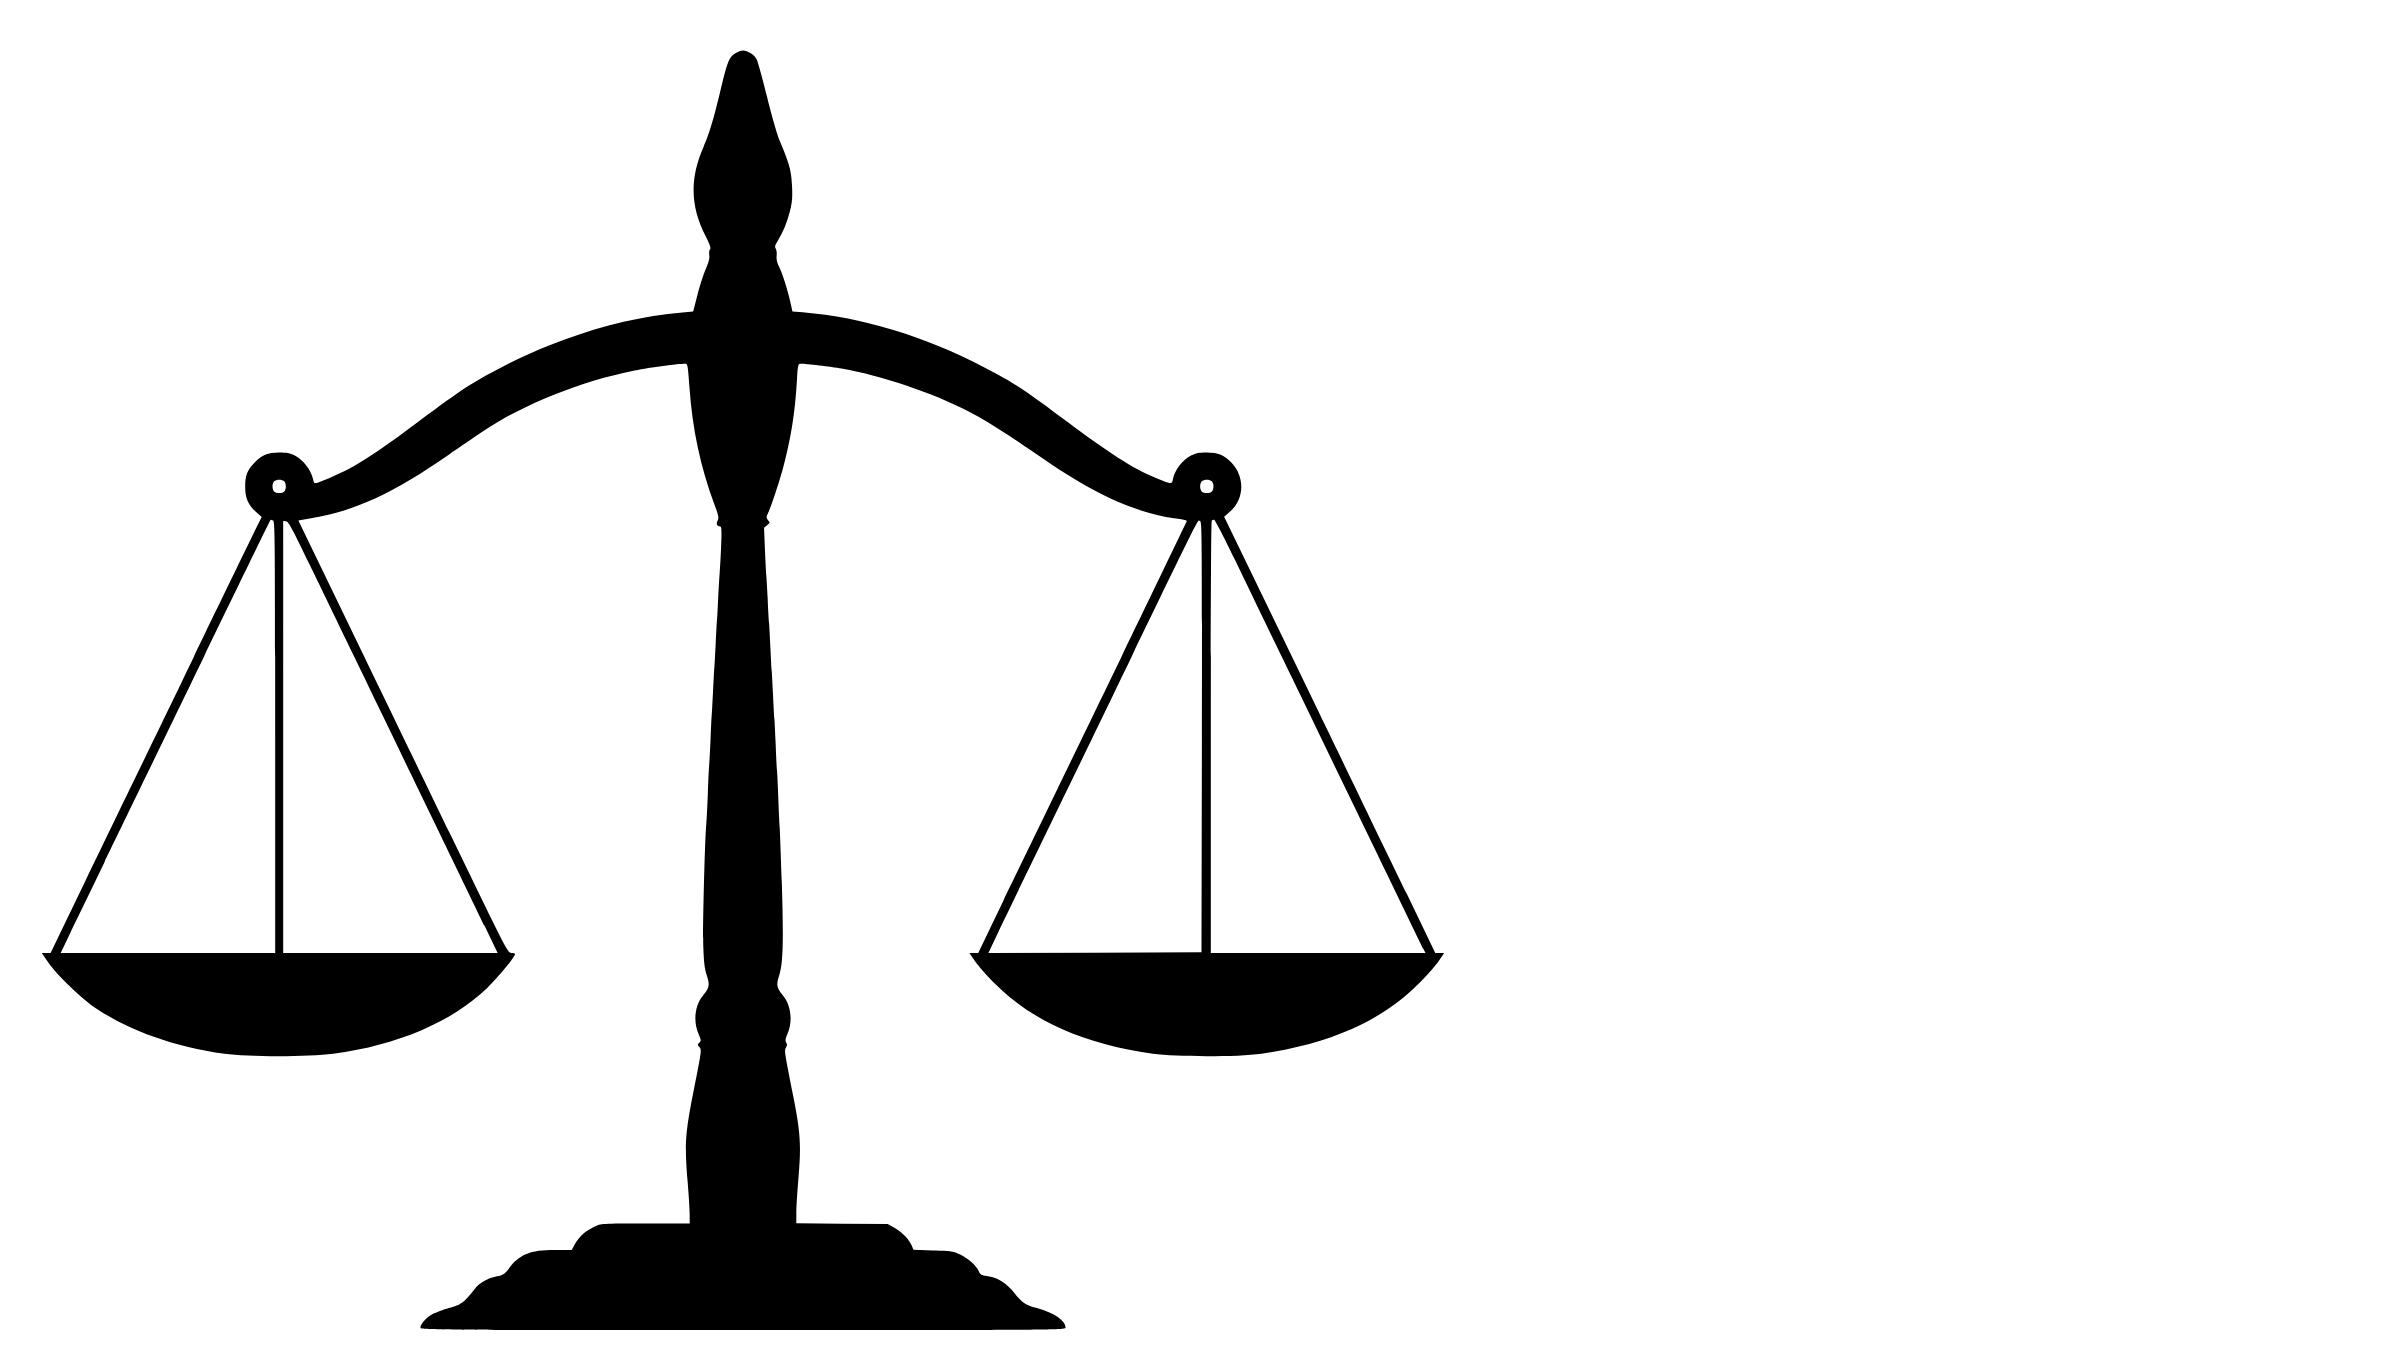 Tillgänglighet: DOS-lagen träder i kraft idag